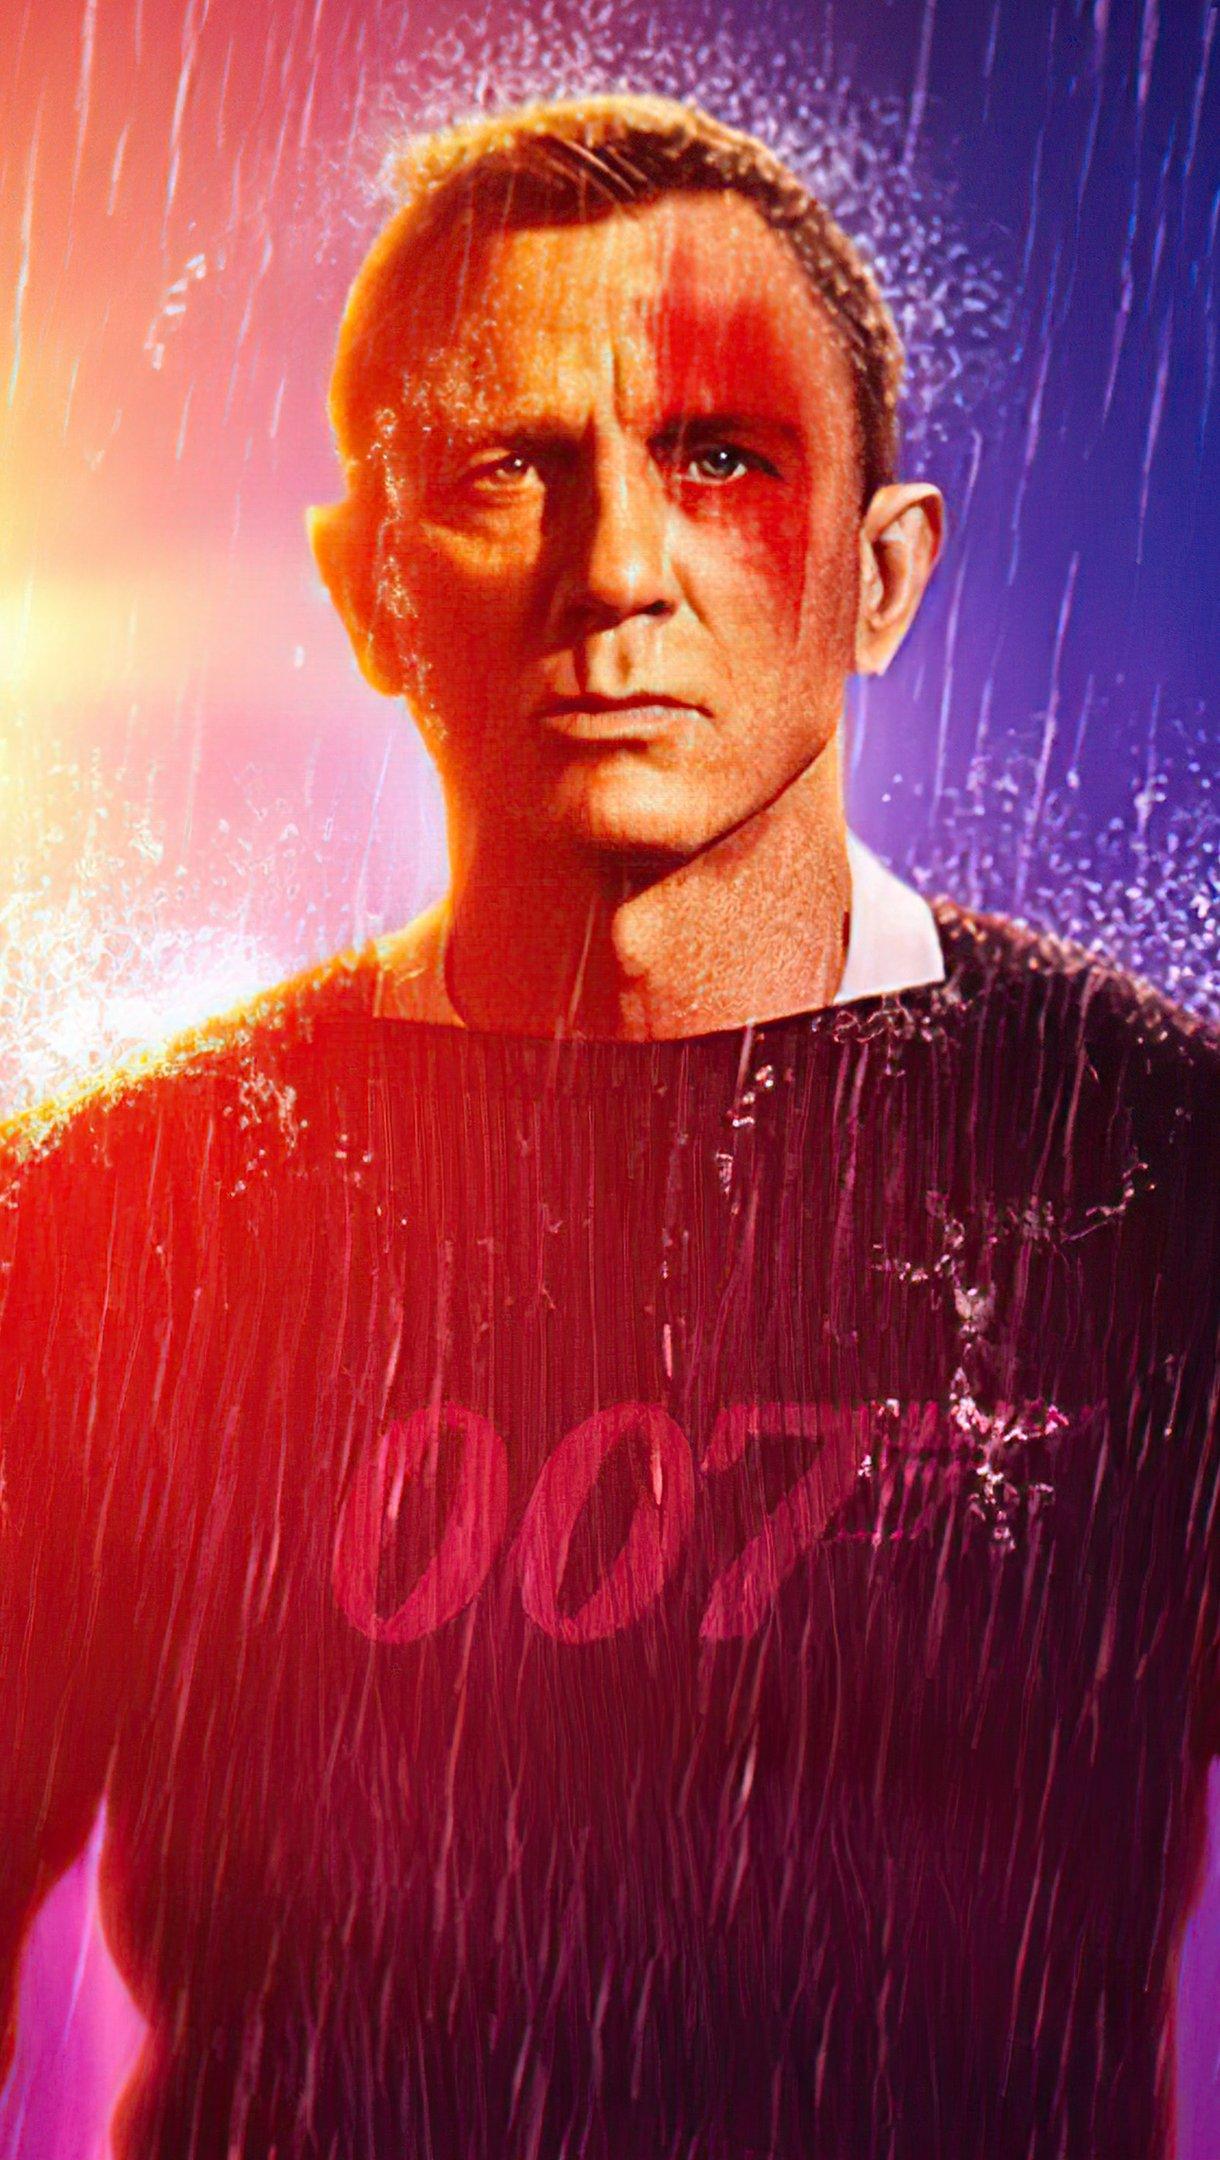 Wallpaper James Bond 007 Vertical